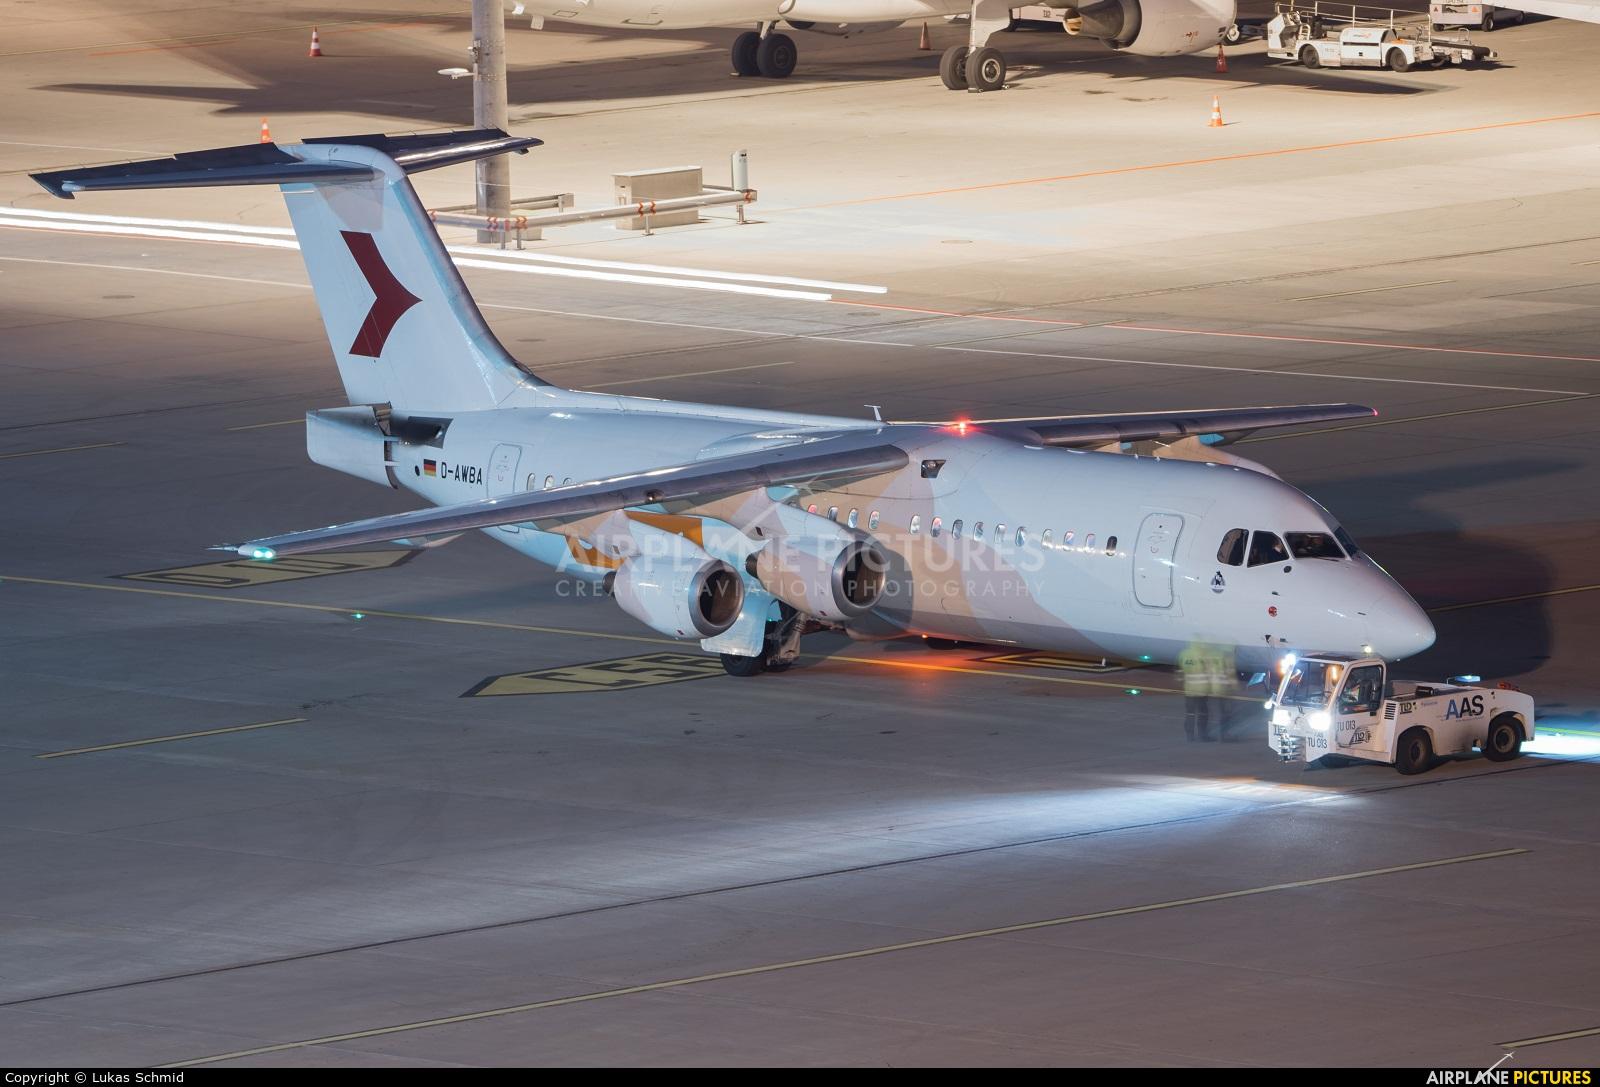 WDL D-AWBA aircraft at Zurich